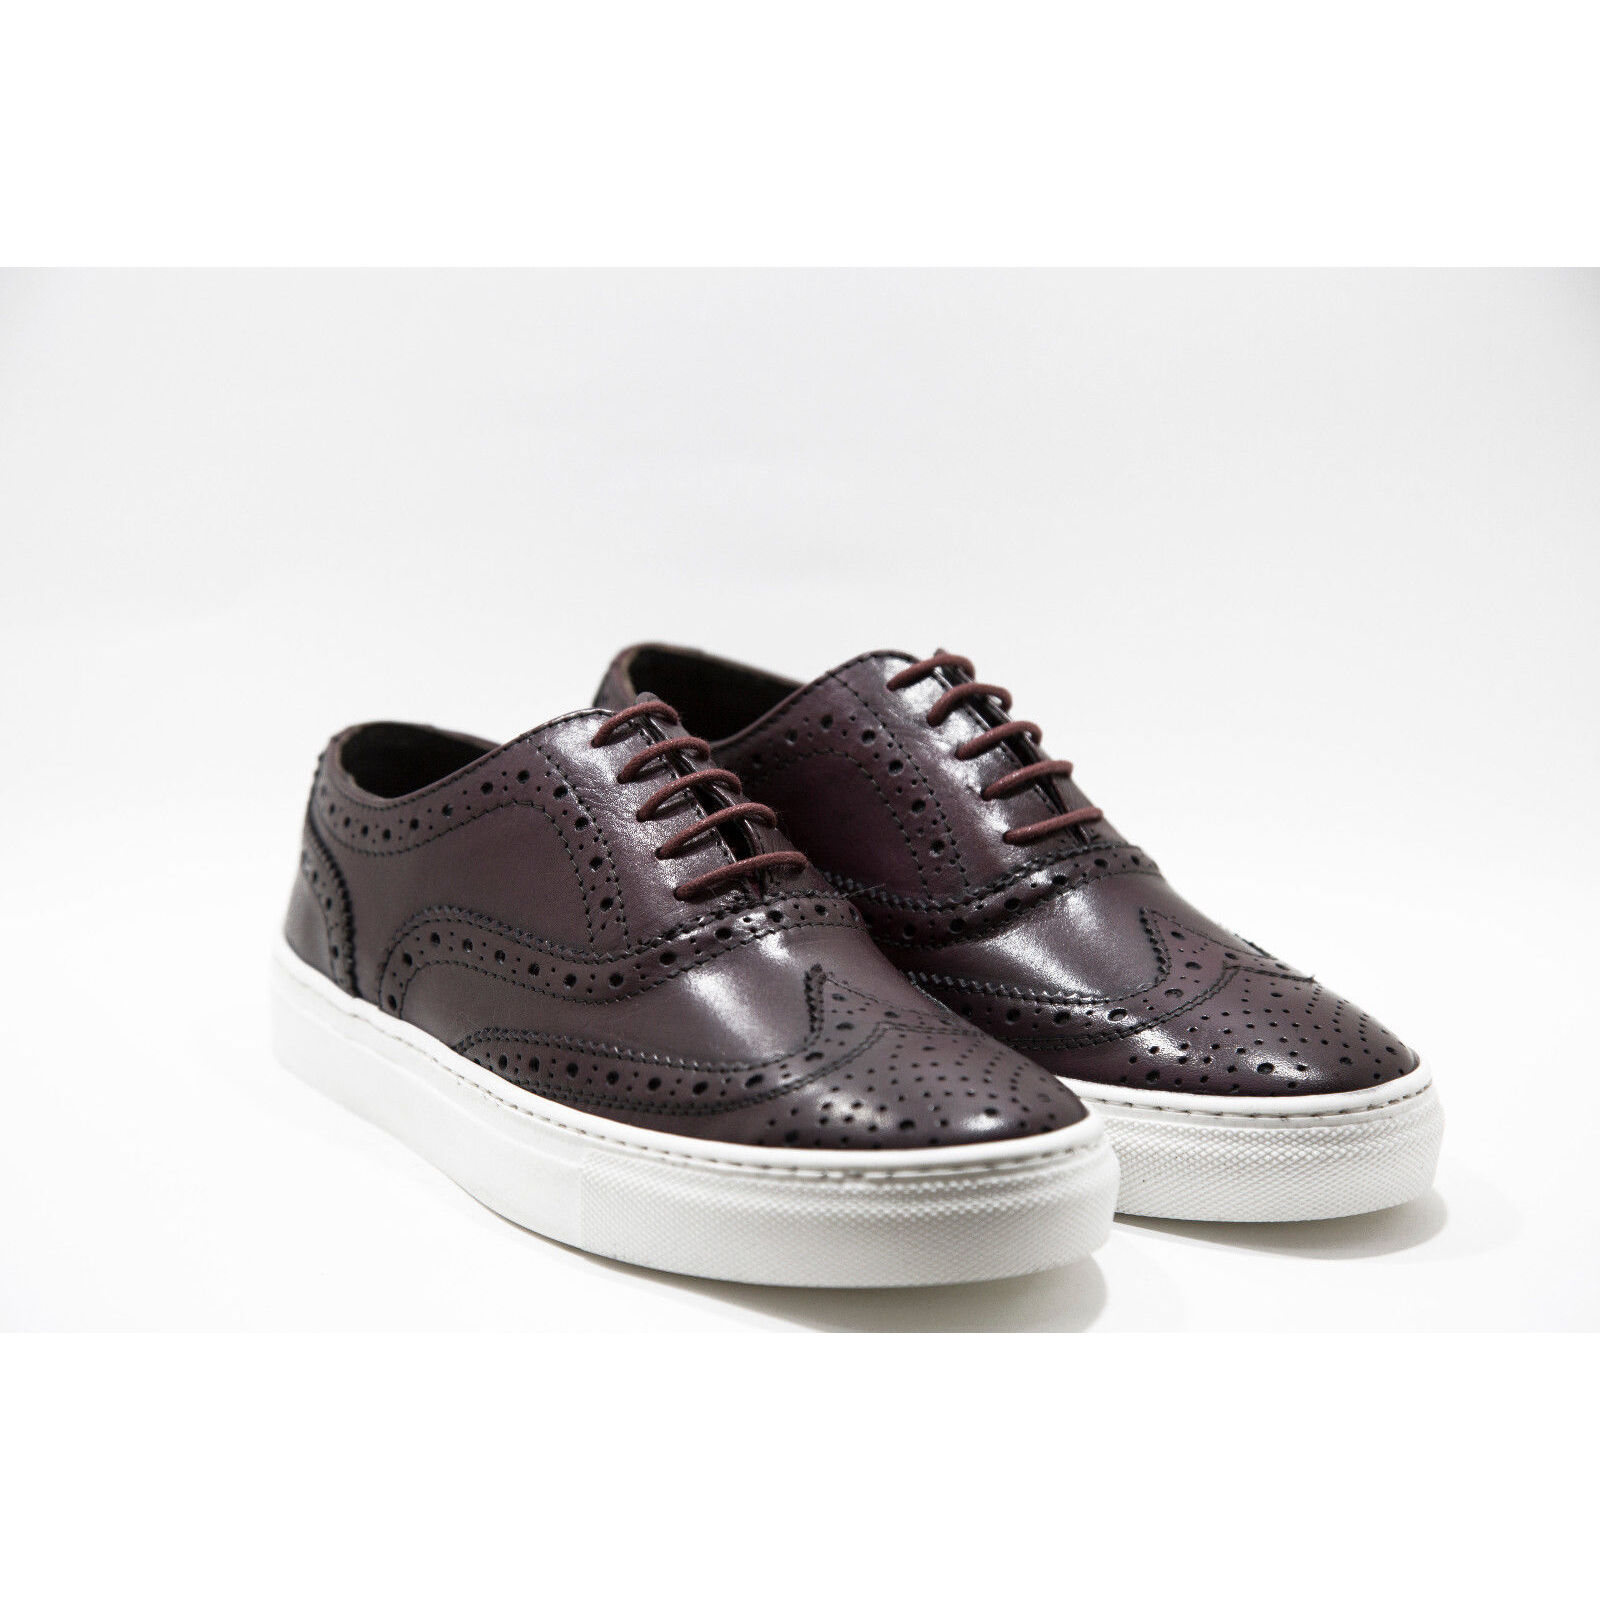 Sneakers in Pelle Stringate Oxford Artigianale men Bordeaux shoes Lace-up